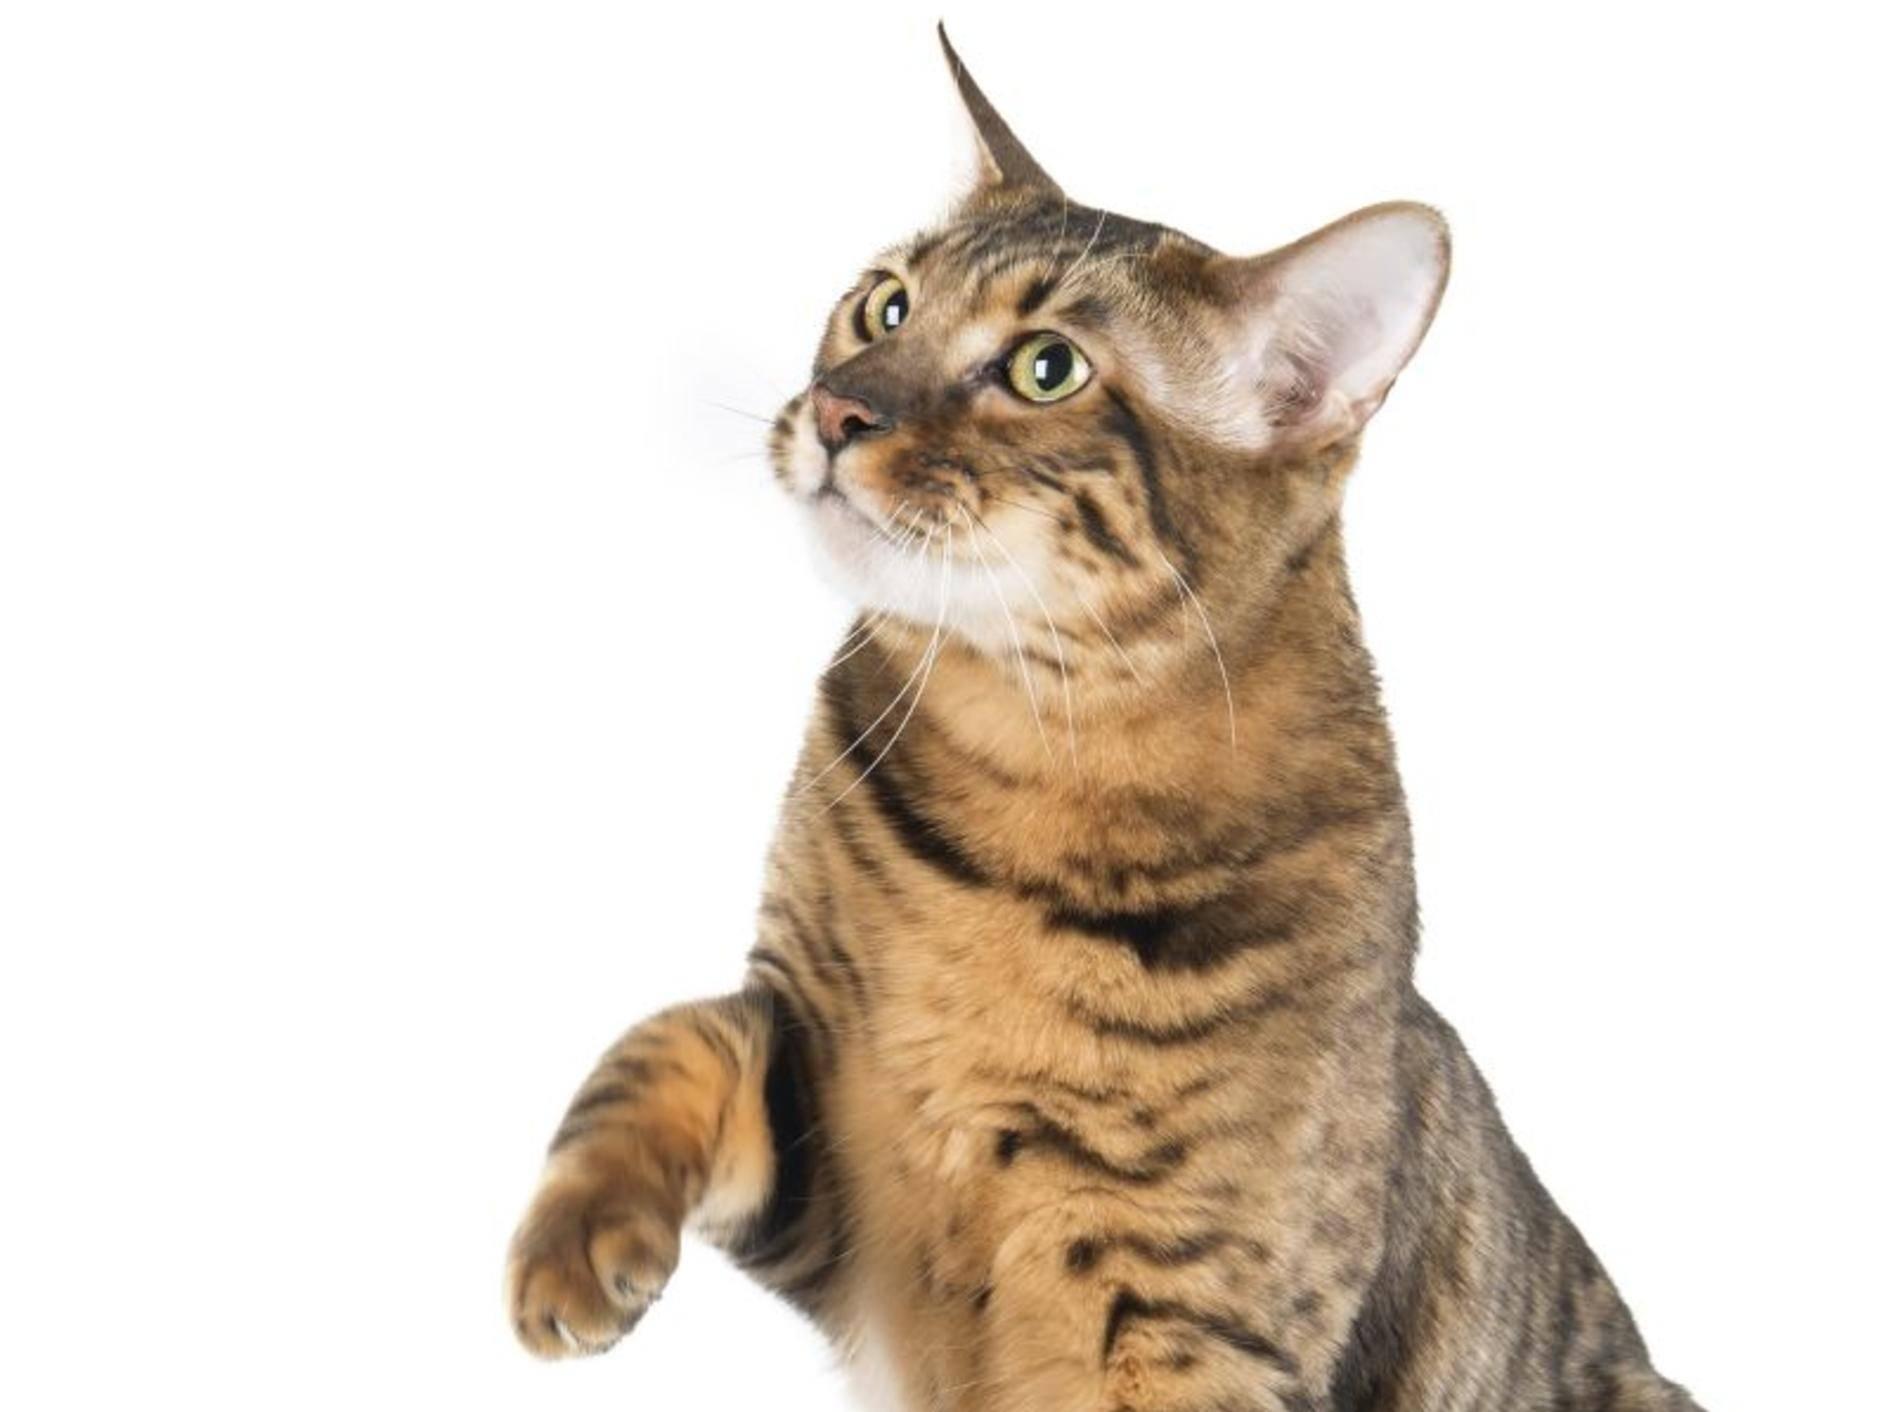 Kleiner Tiger mit freundlichem Charakter: Der Toyger – Bild: Shutterstock / Vivienstock